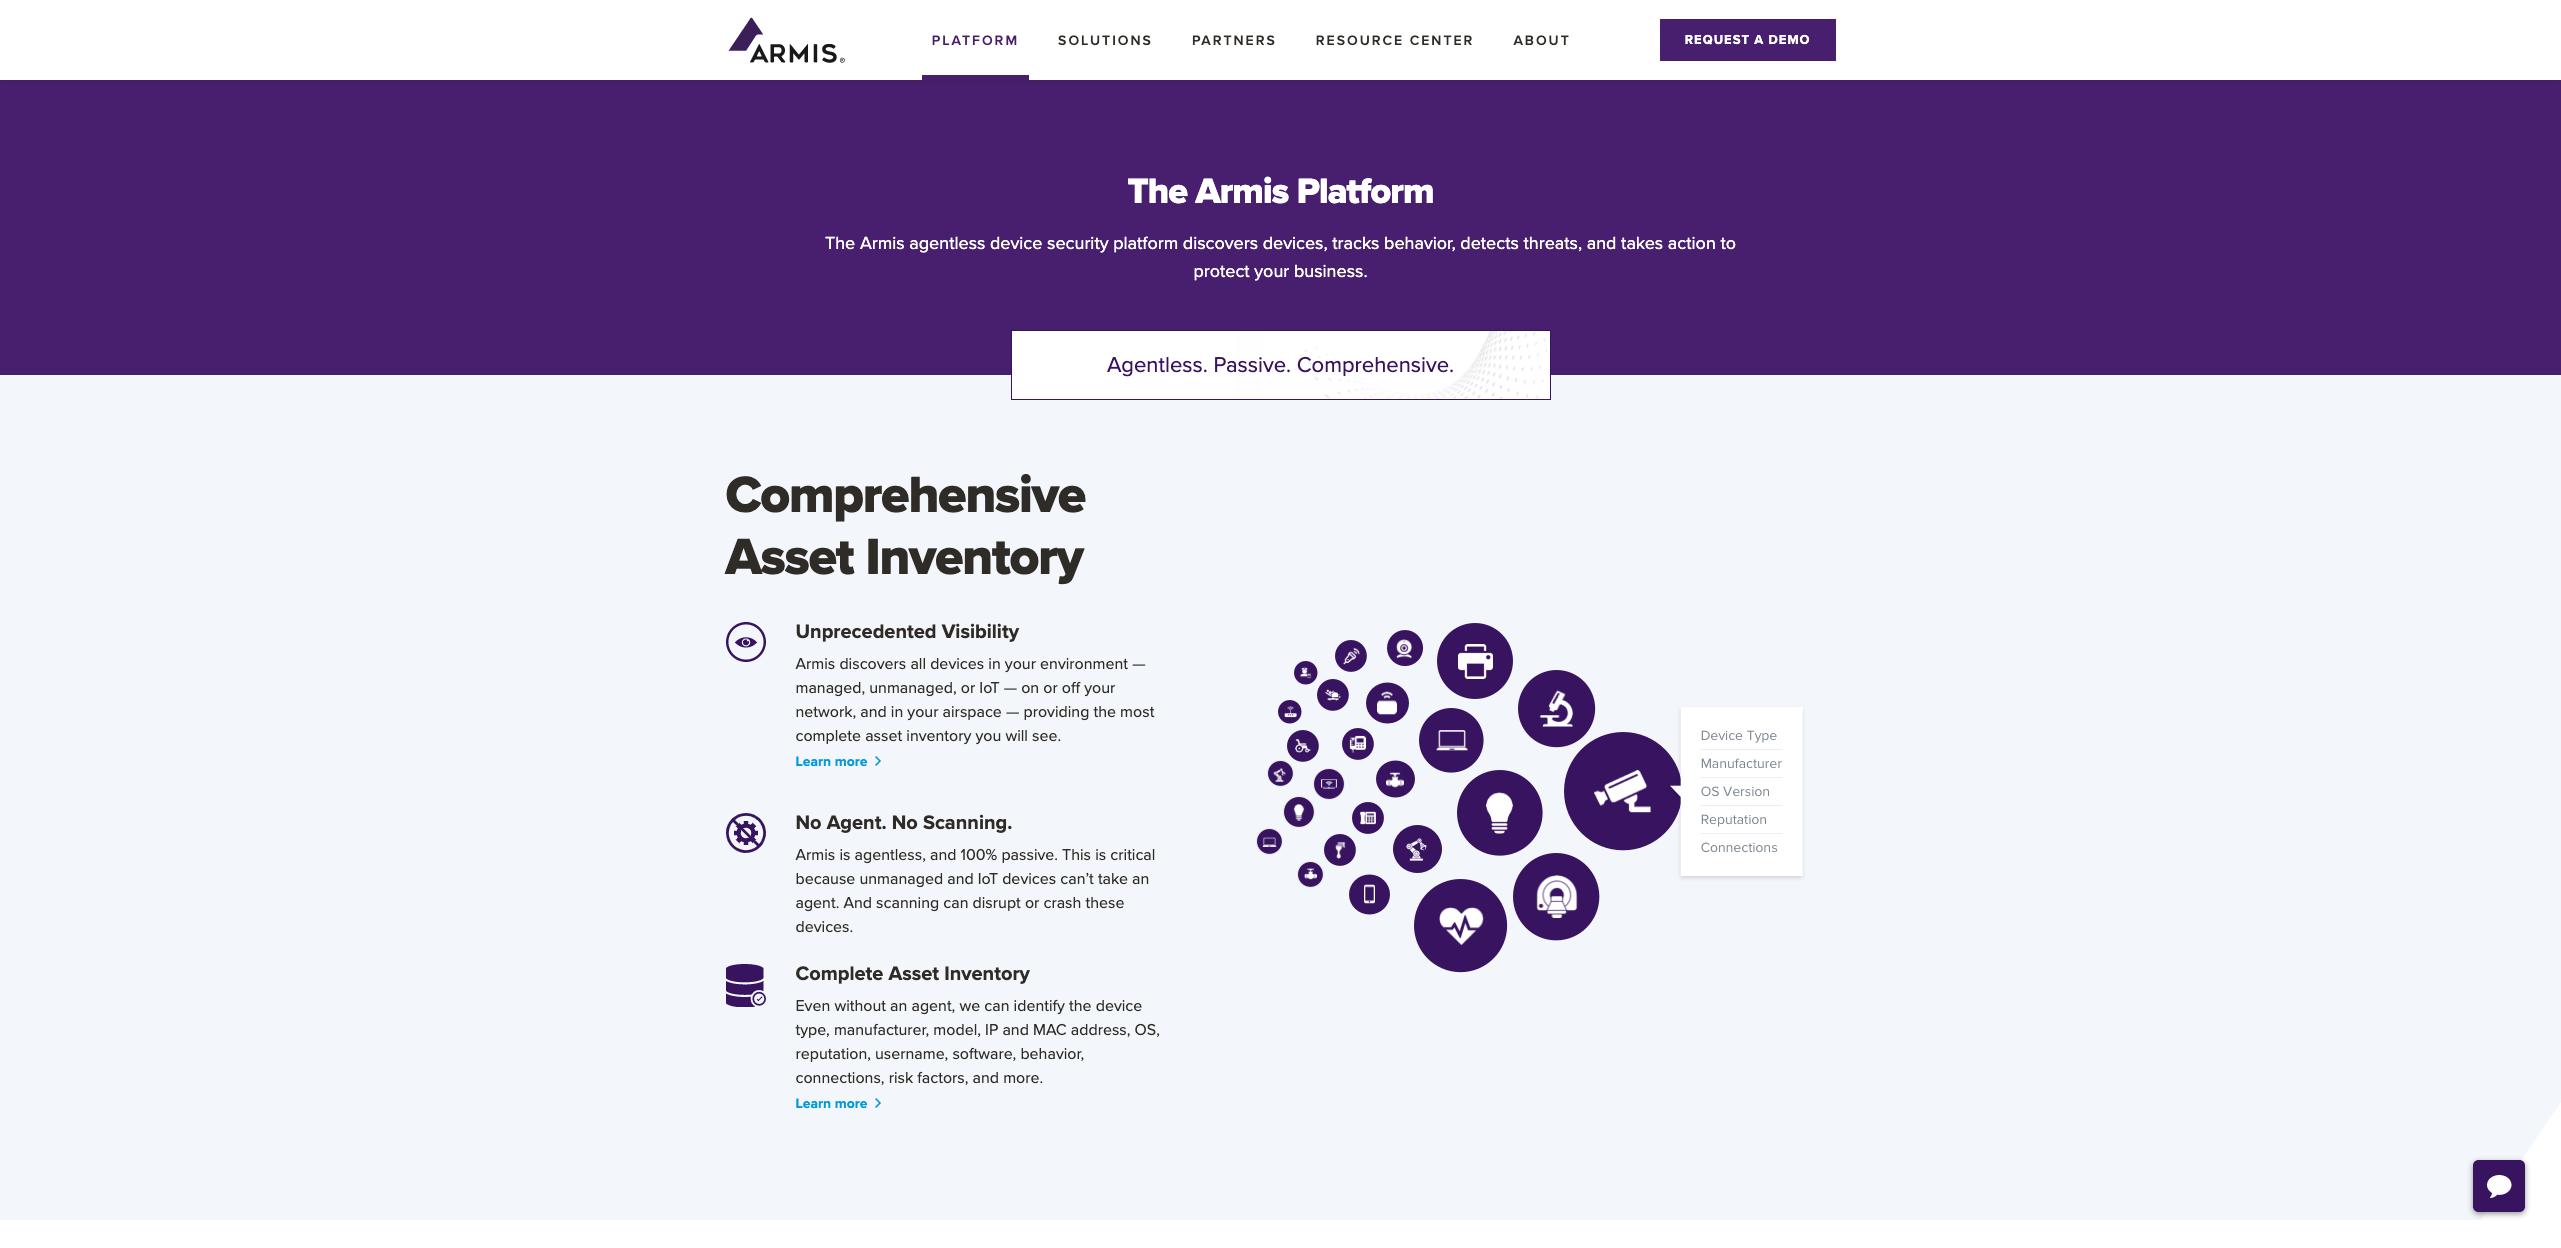 armis-iot-product-tour-page